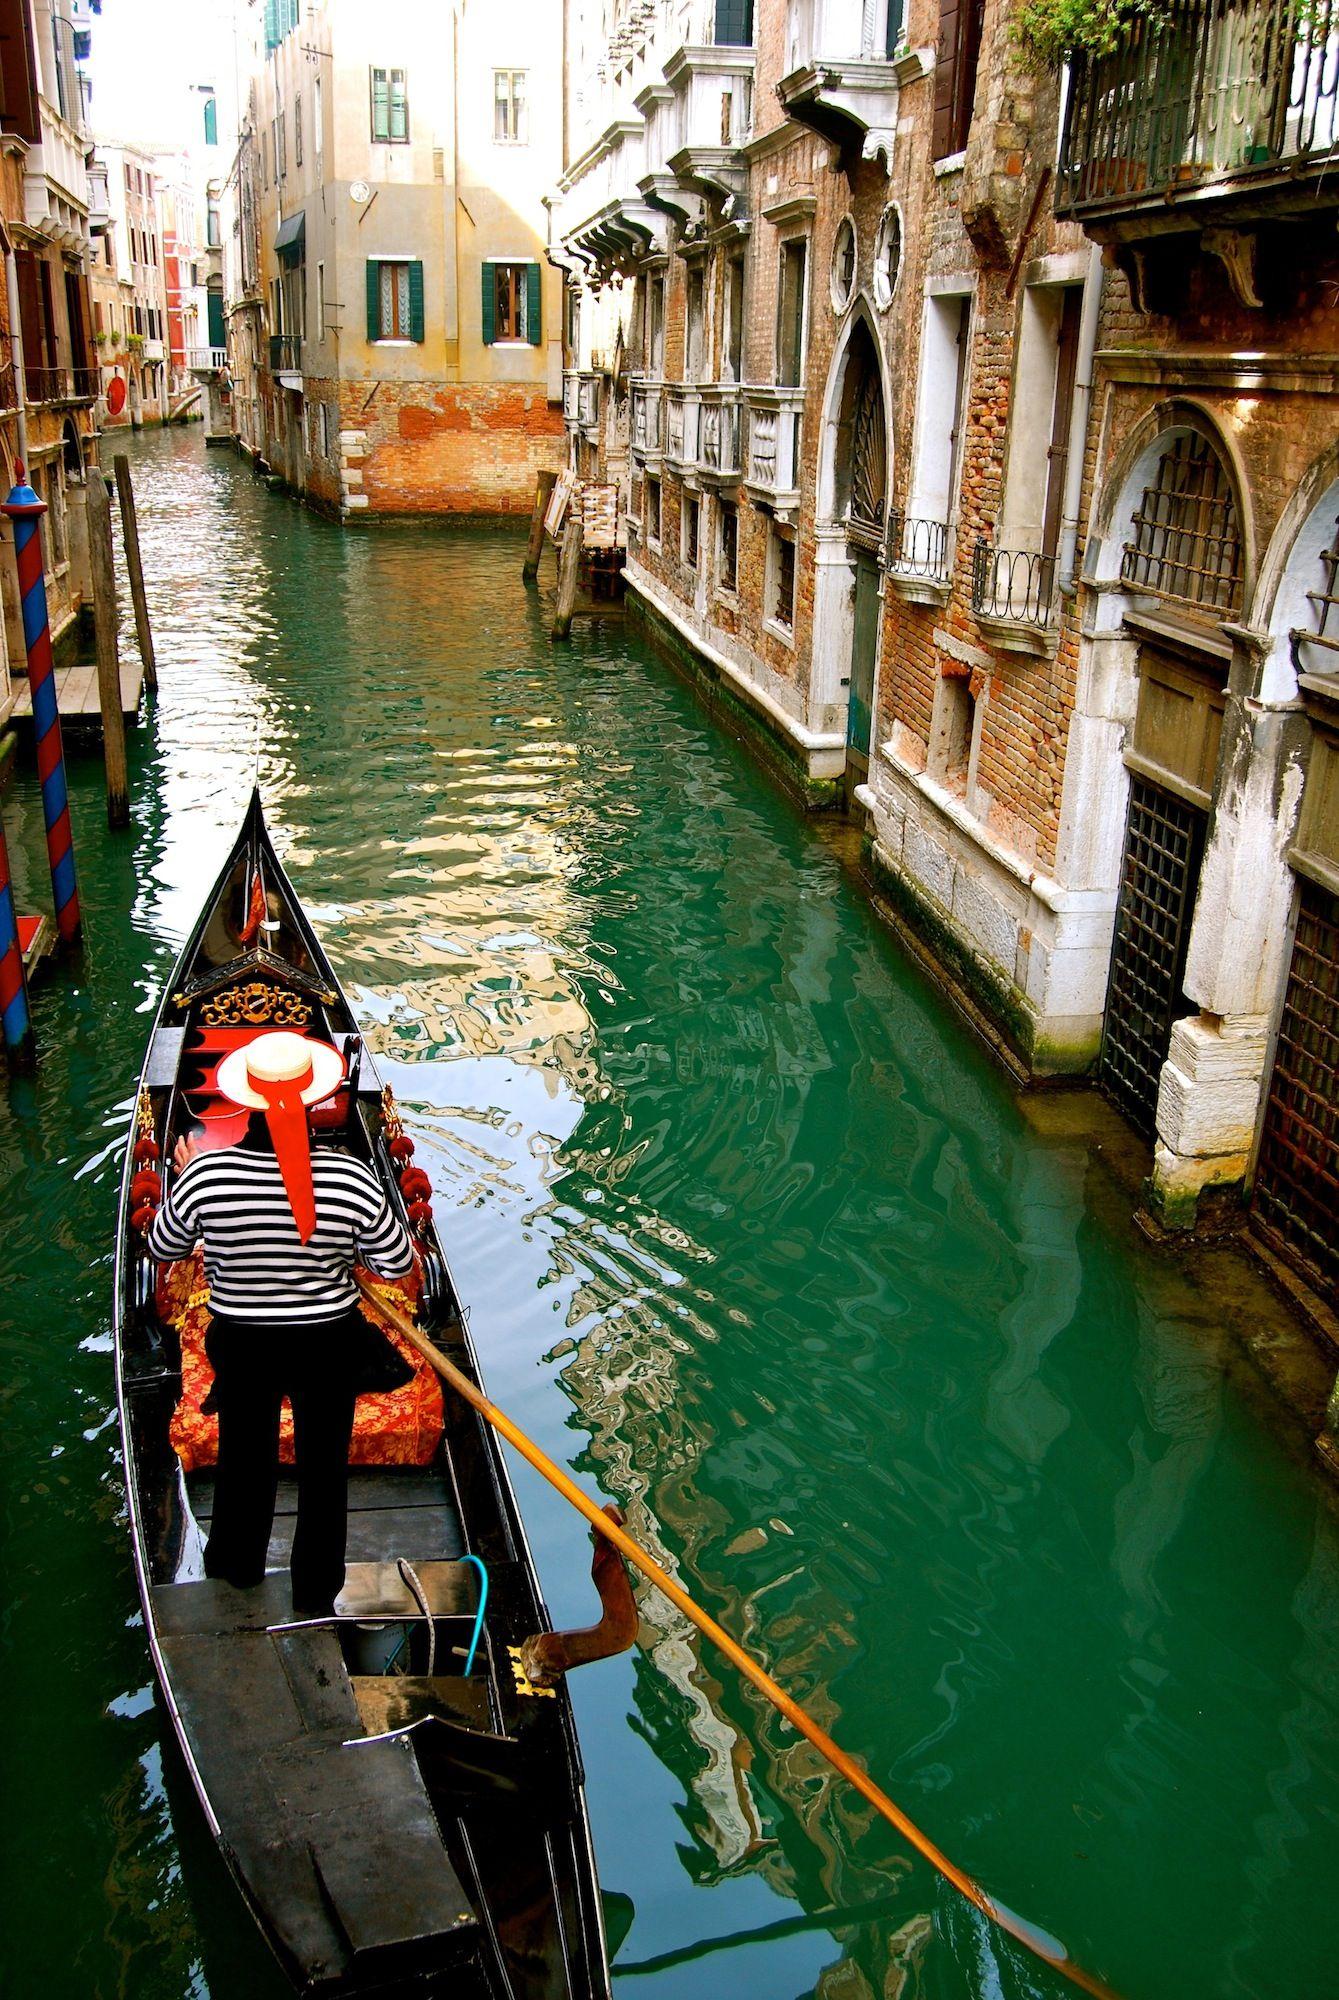 Ebfiore Gondola In Venice